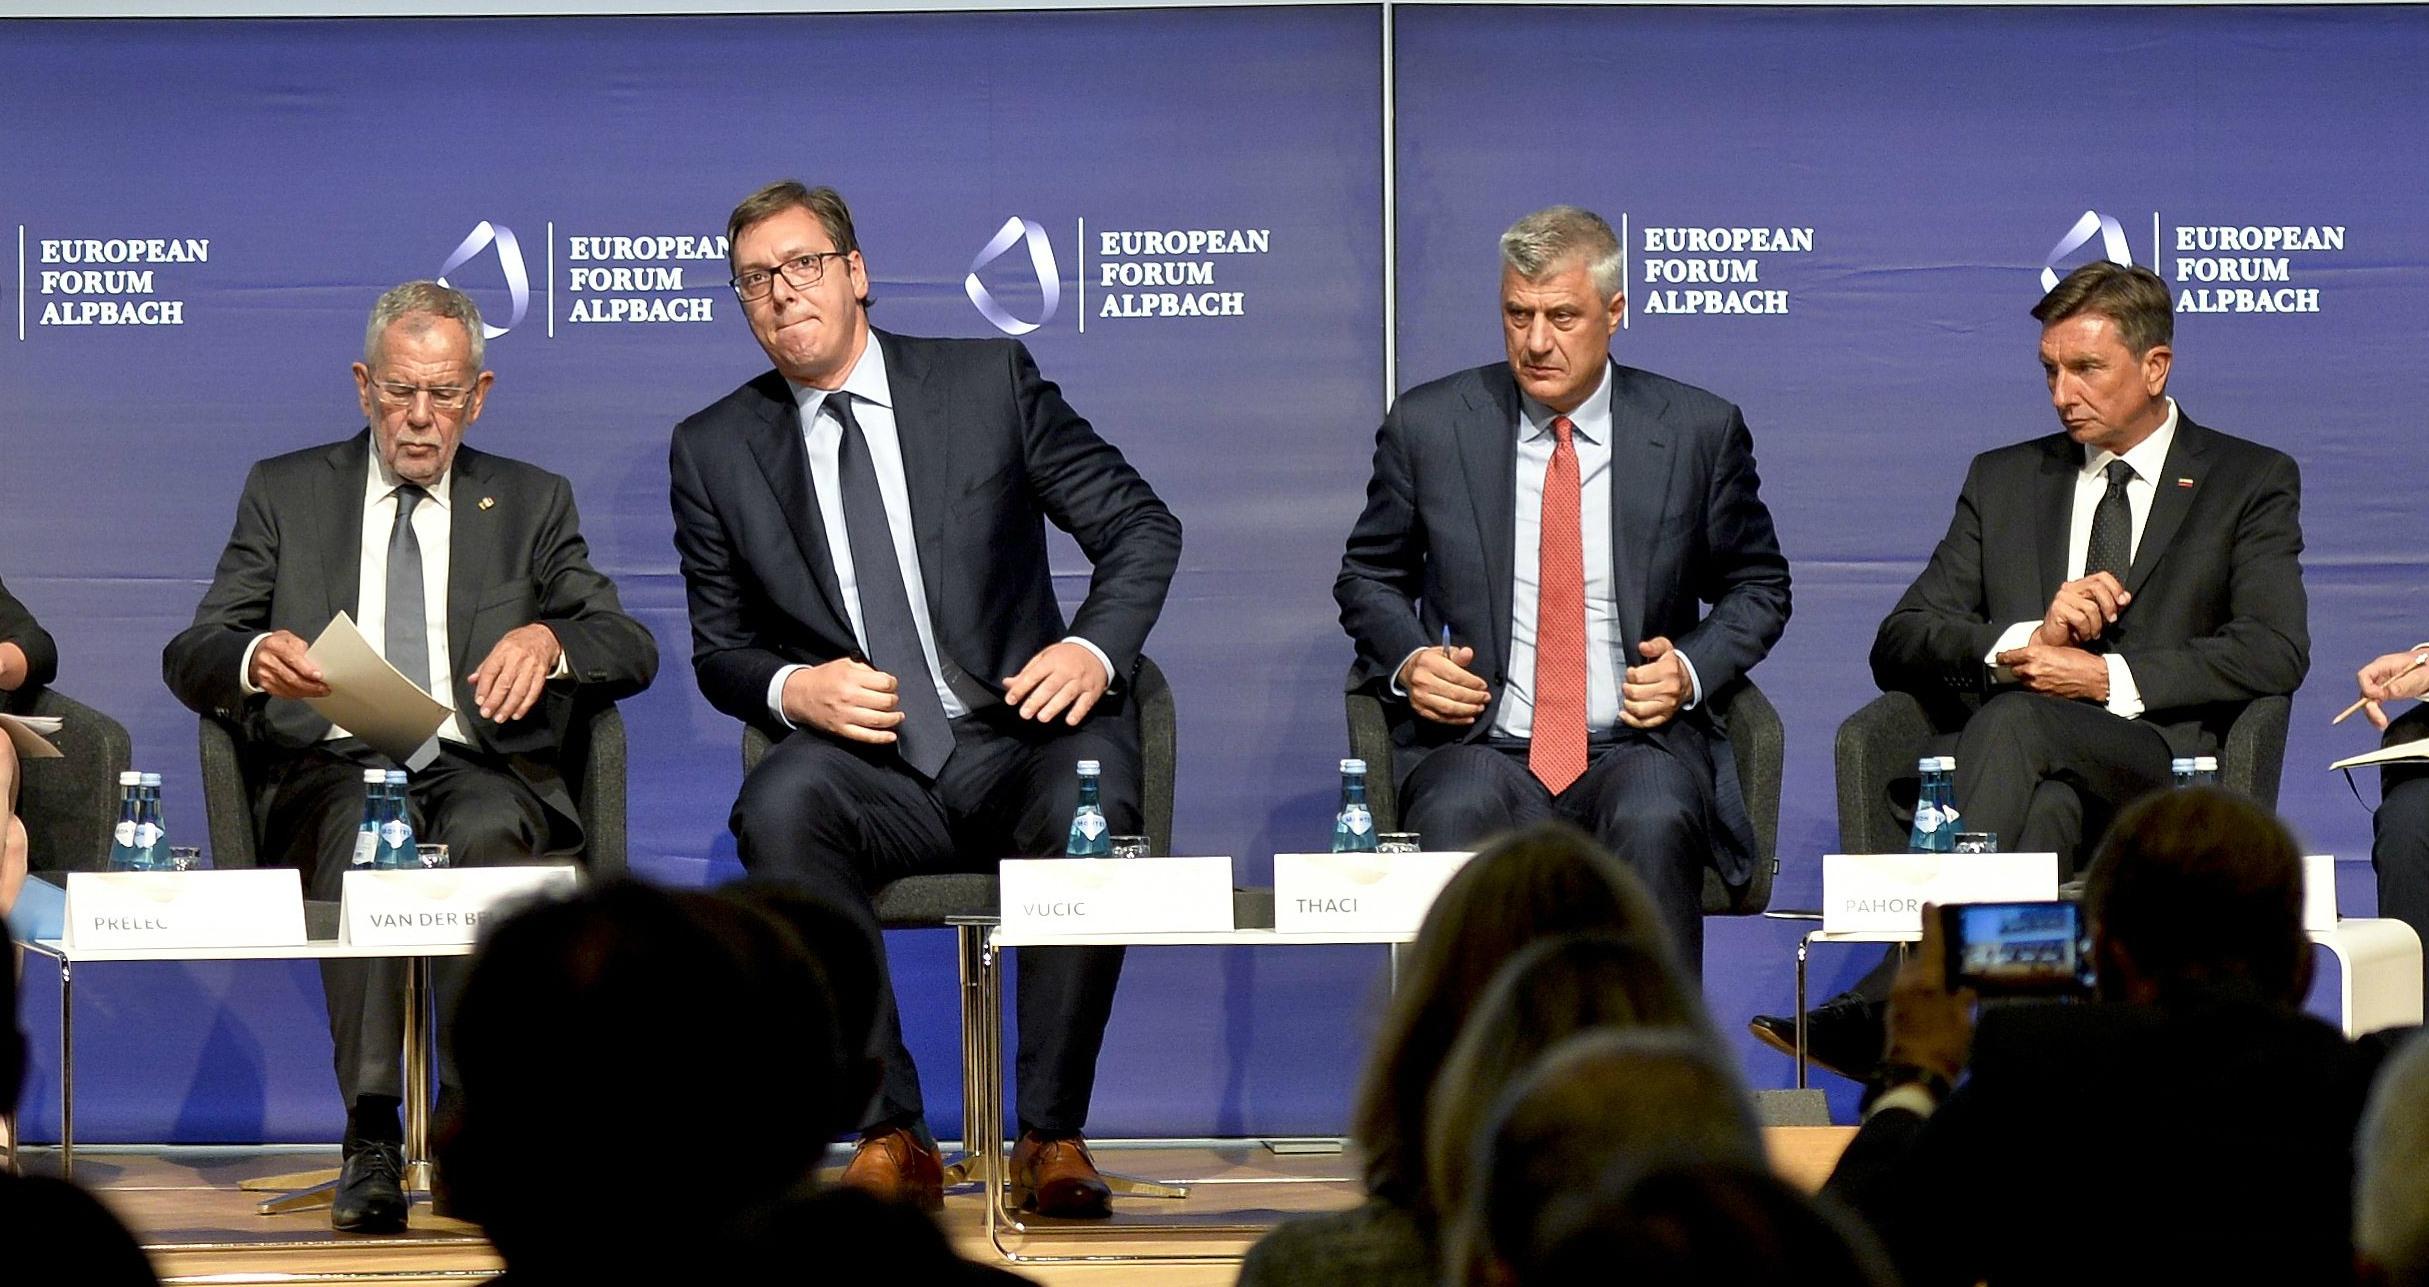 Pet zemalja traži da se deblokira dijalog između Kosova i Srbije